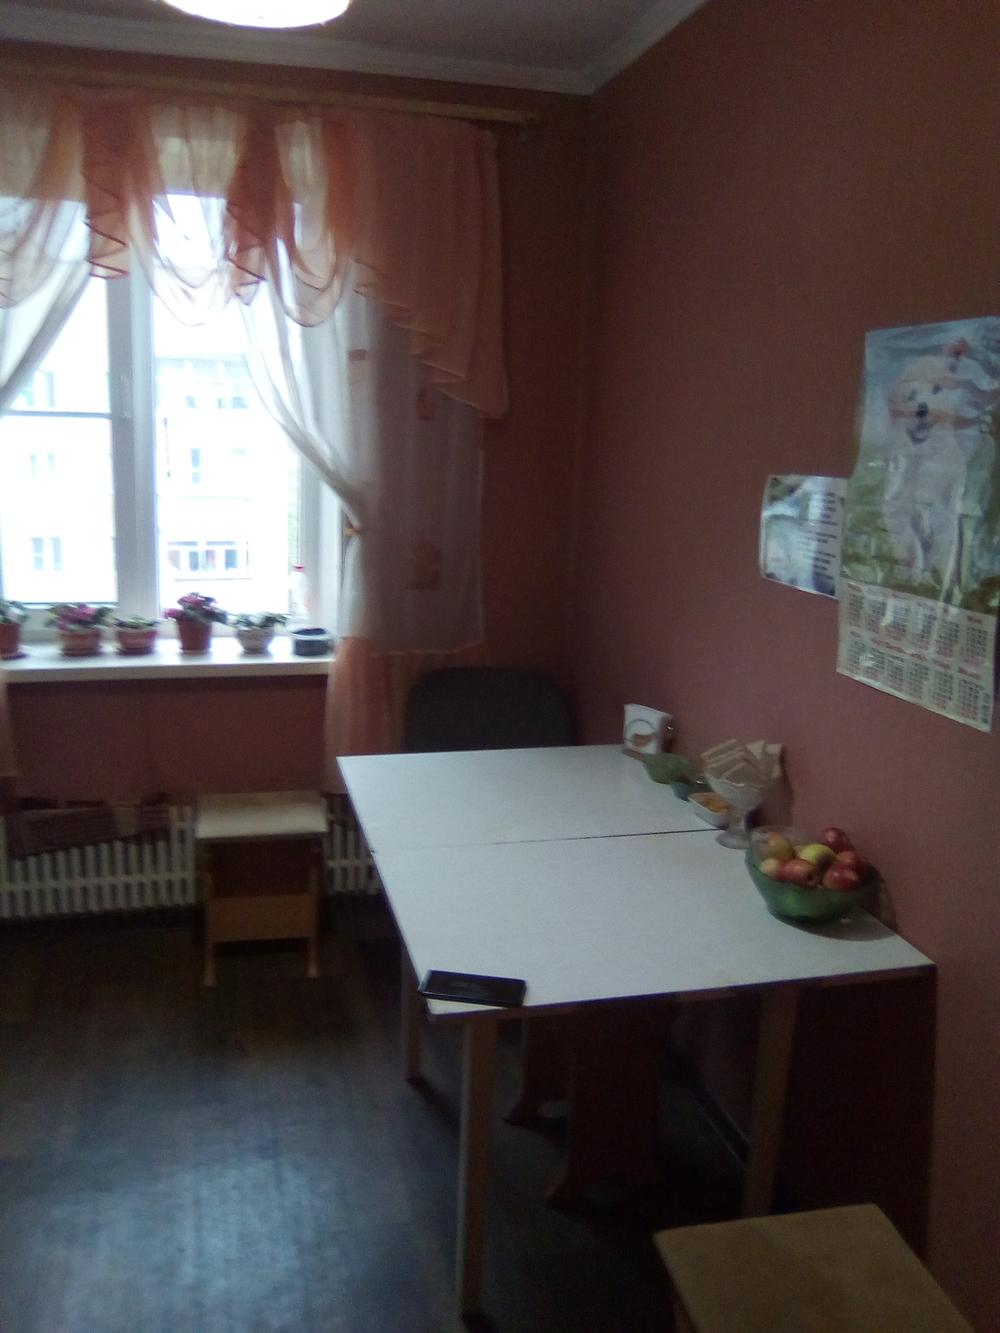 Realtoru  база недвижимости в Москве и Подмосковье